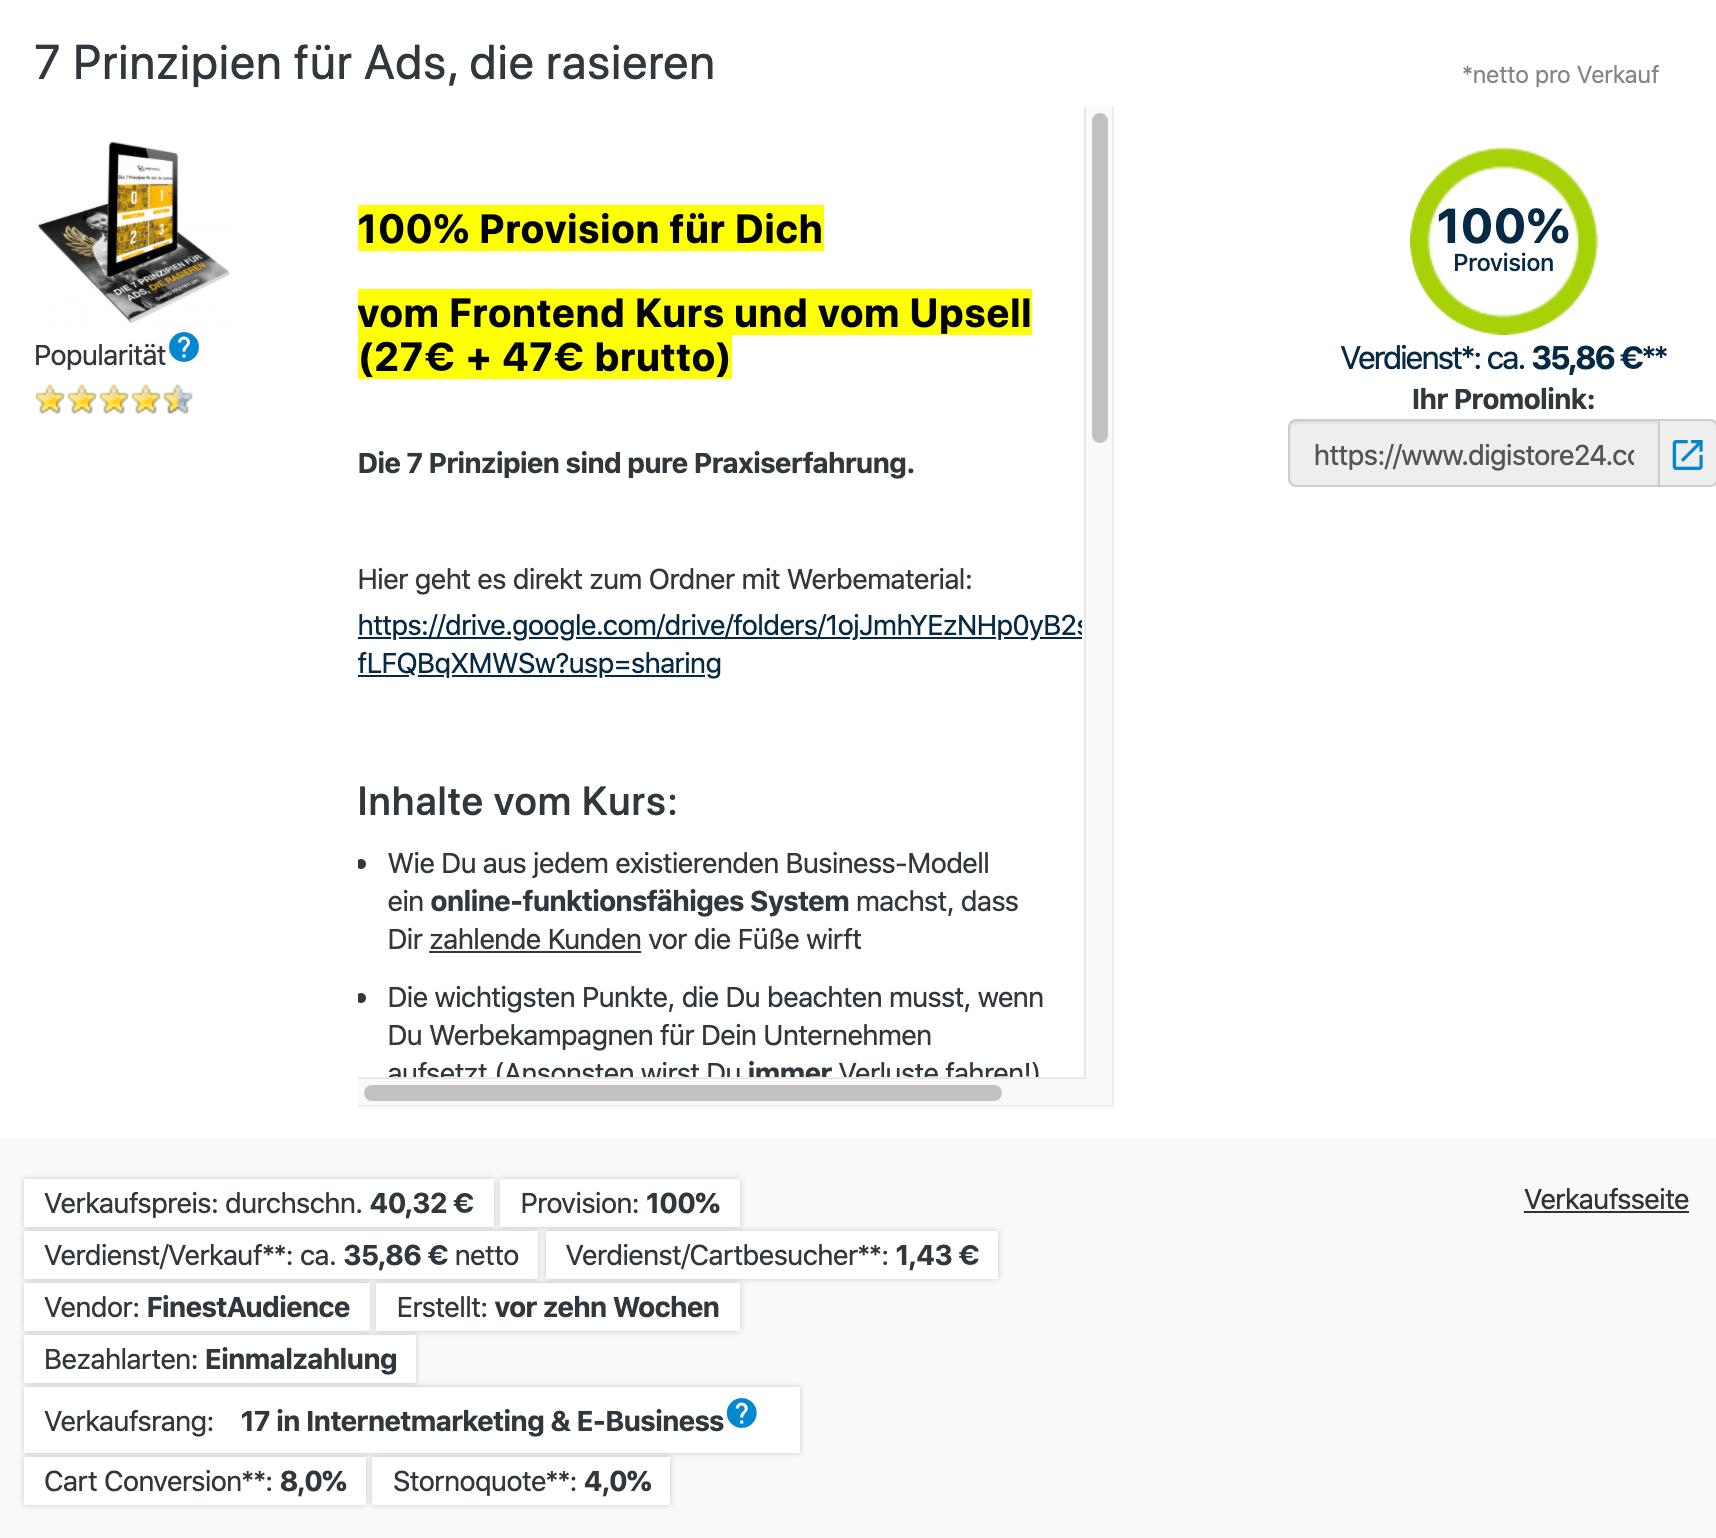 DawidPrzybylskiPartnerprogramm